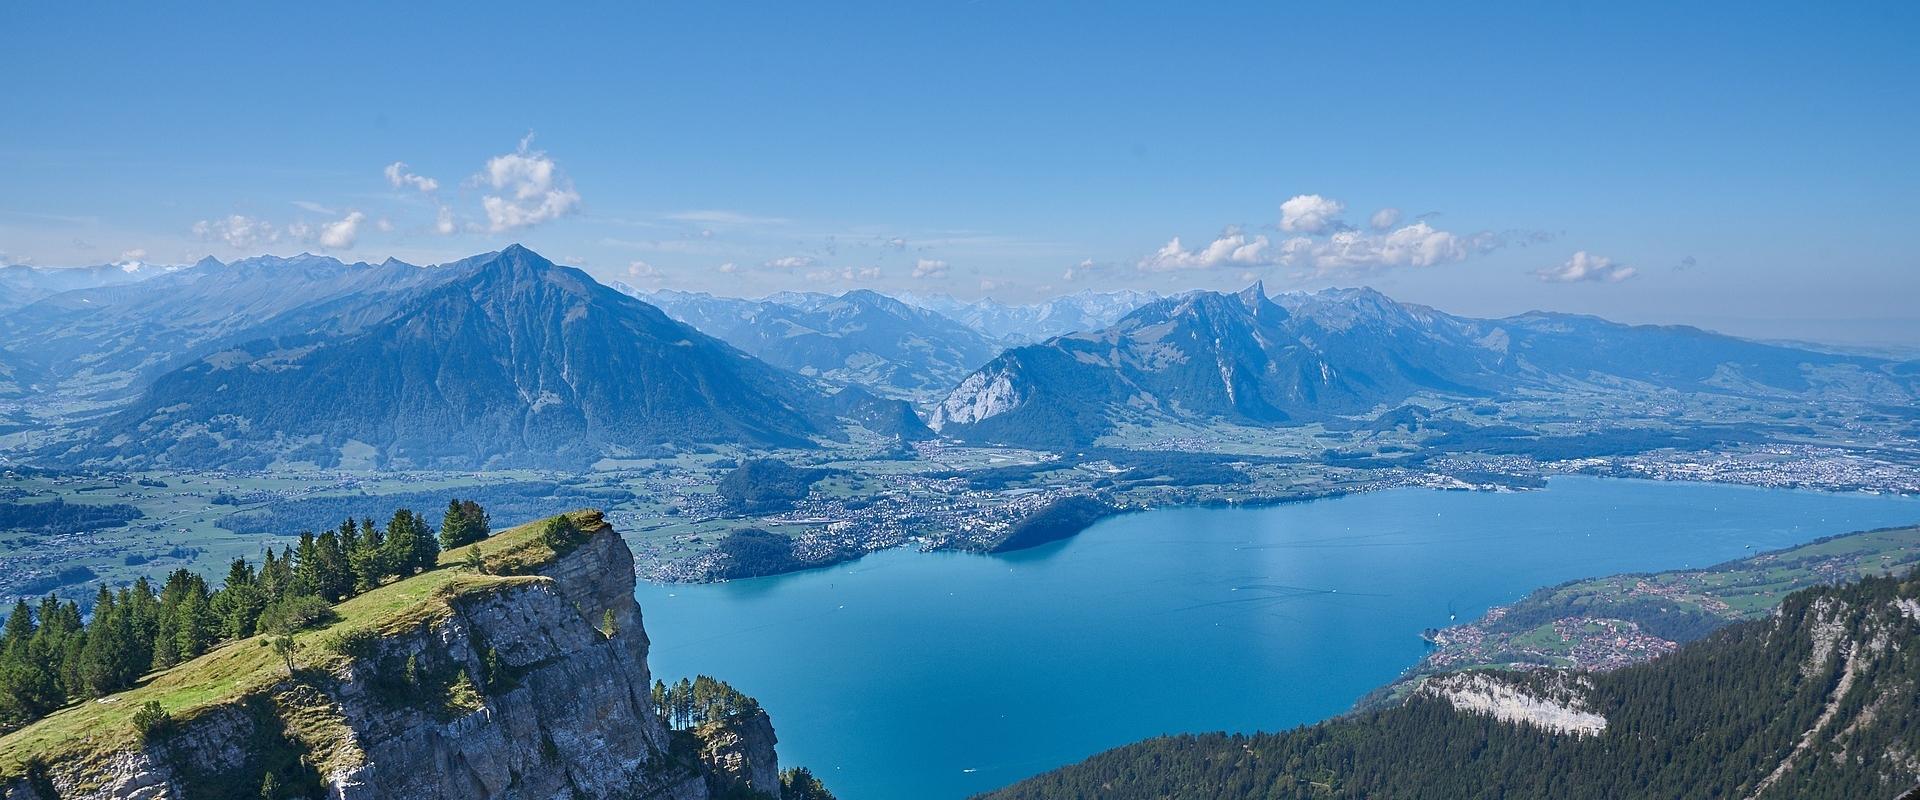 Projekte - Krebsstiftung Thun-Berner Oberland